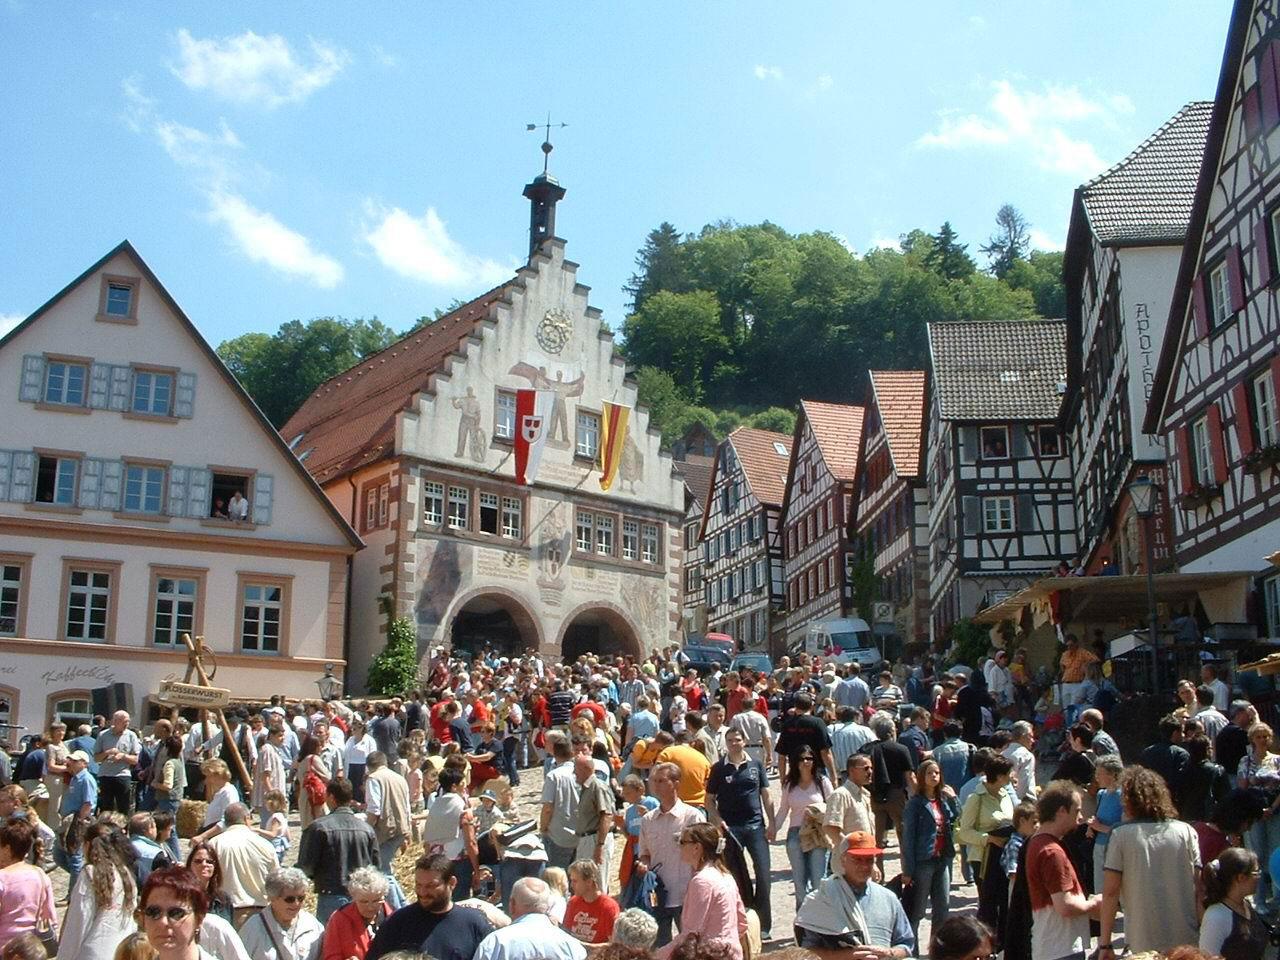 Prall gefüllter Marktplatz am Stadtfest 2010 (Bild: Sven Steinle)